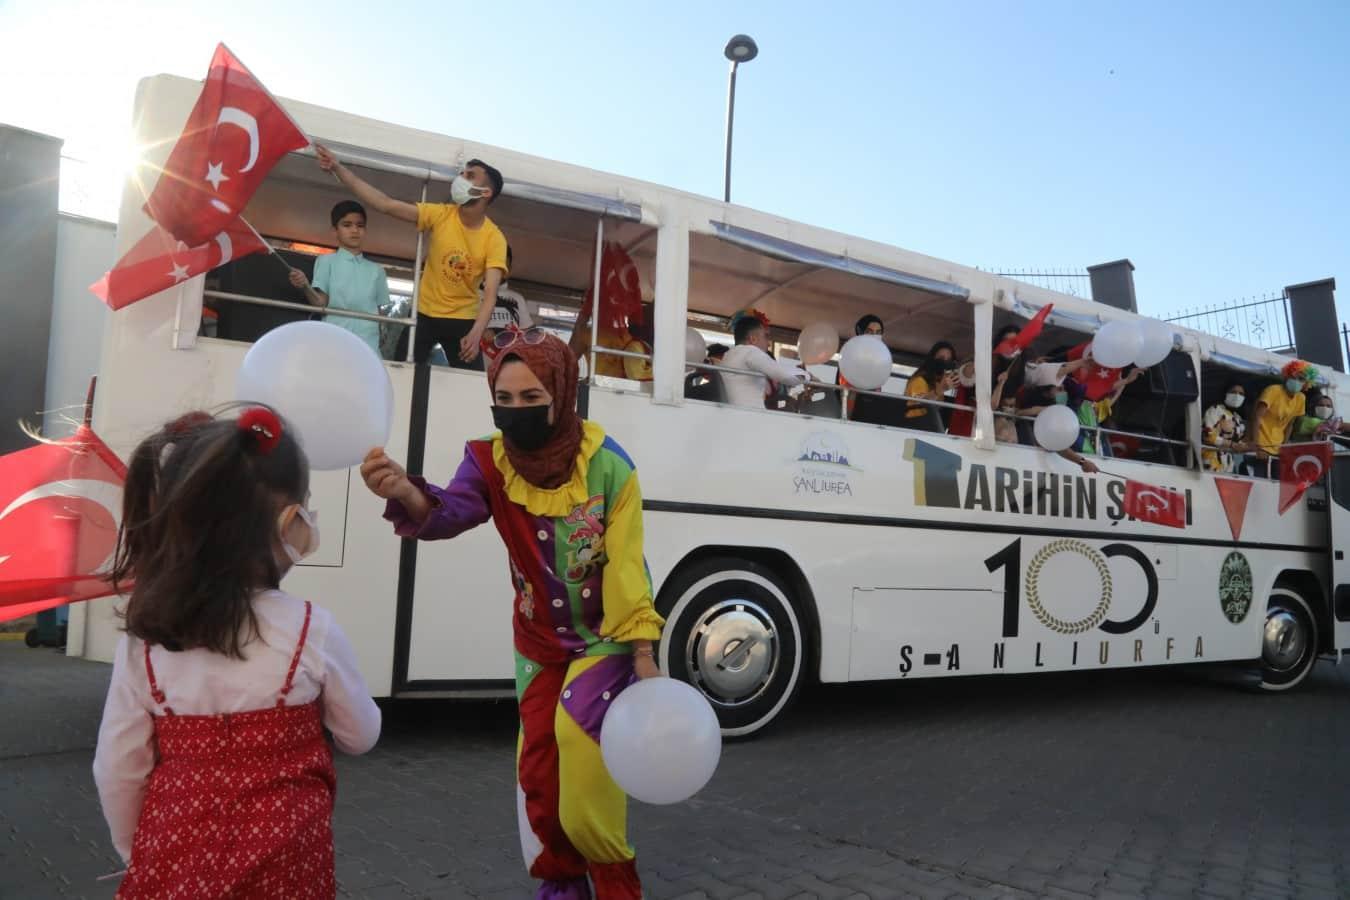 Büyükşehir Ve Gönüllü Palyaçolardan 23'nisan'a Özel Etkinlik